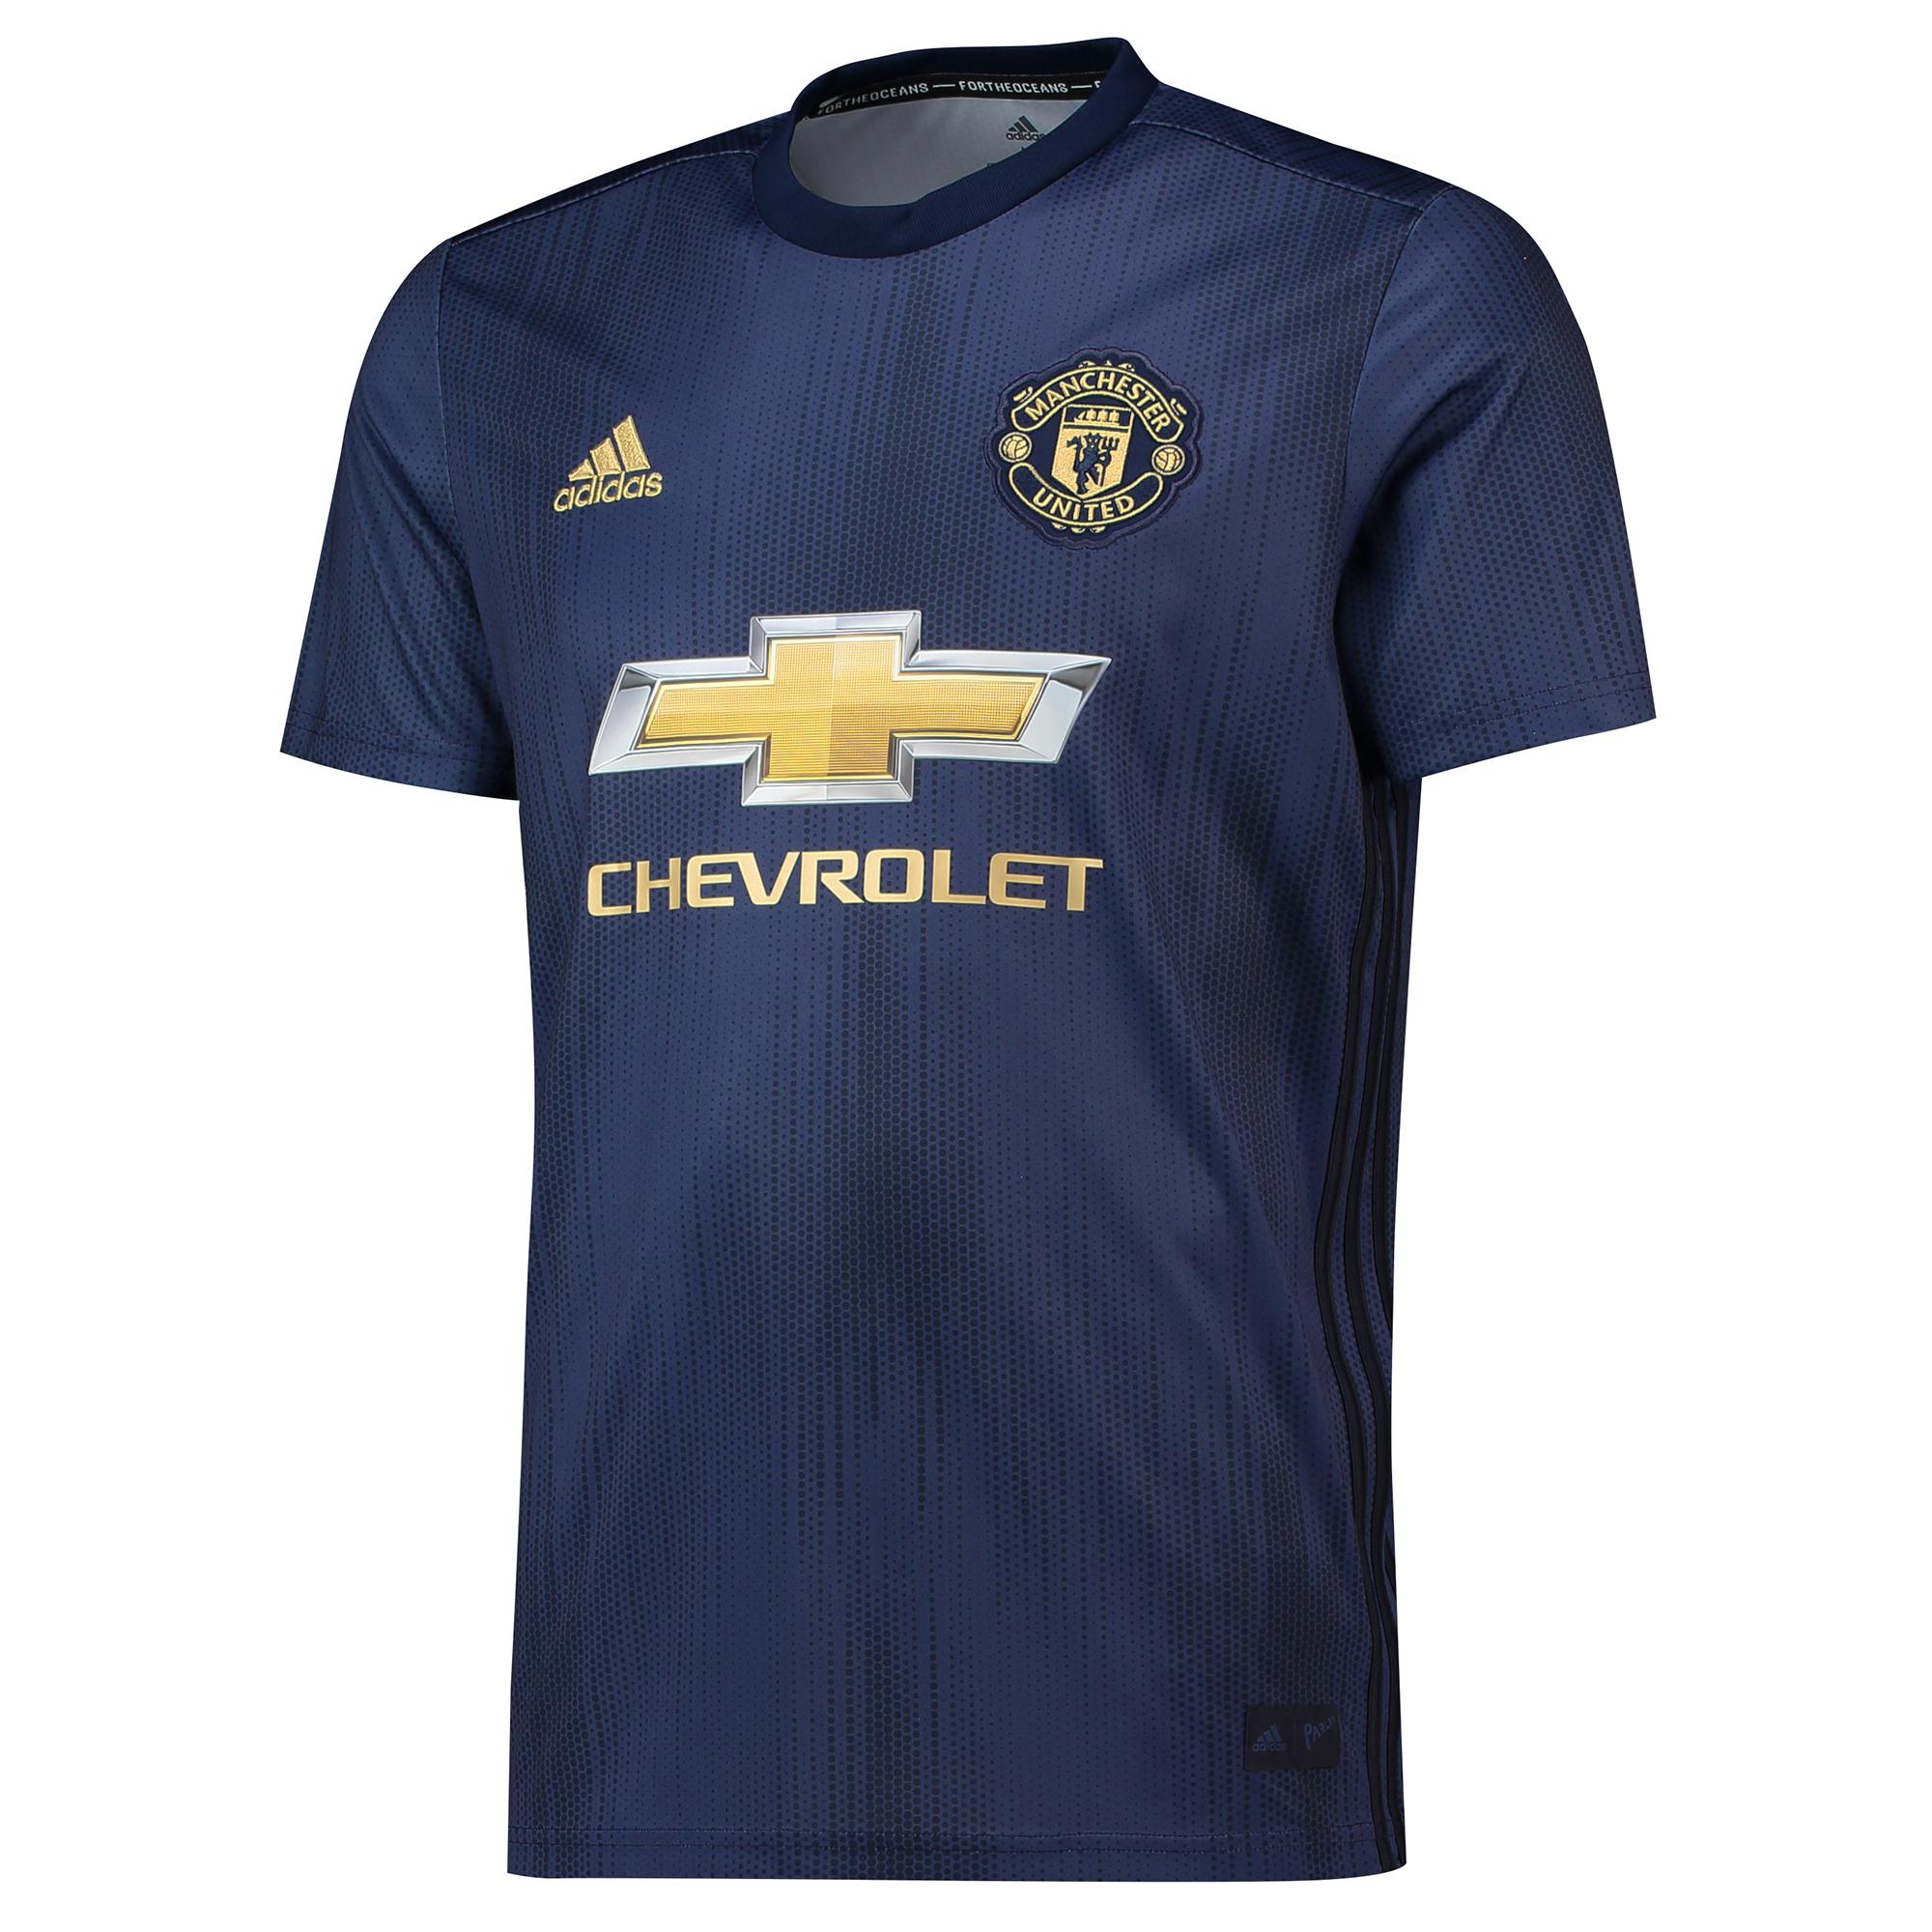 93c9d51d9b92c Adidas Manchester United dres pánsky (2018-2019) alternatívny + vl. meno a  číslo